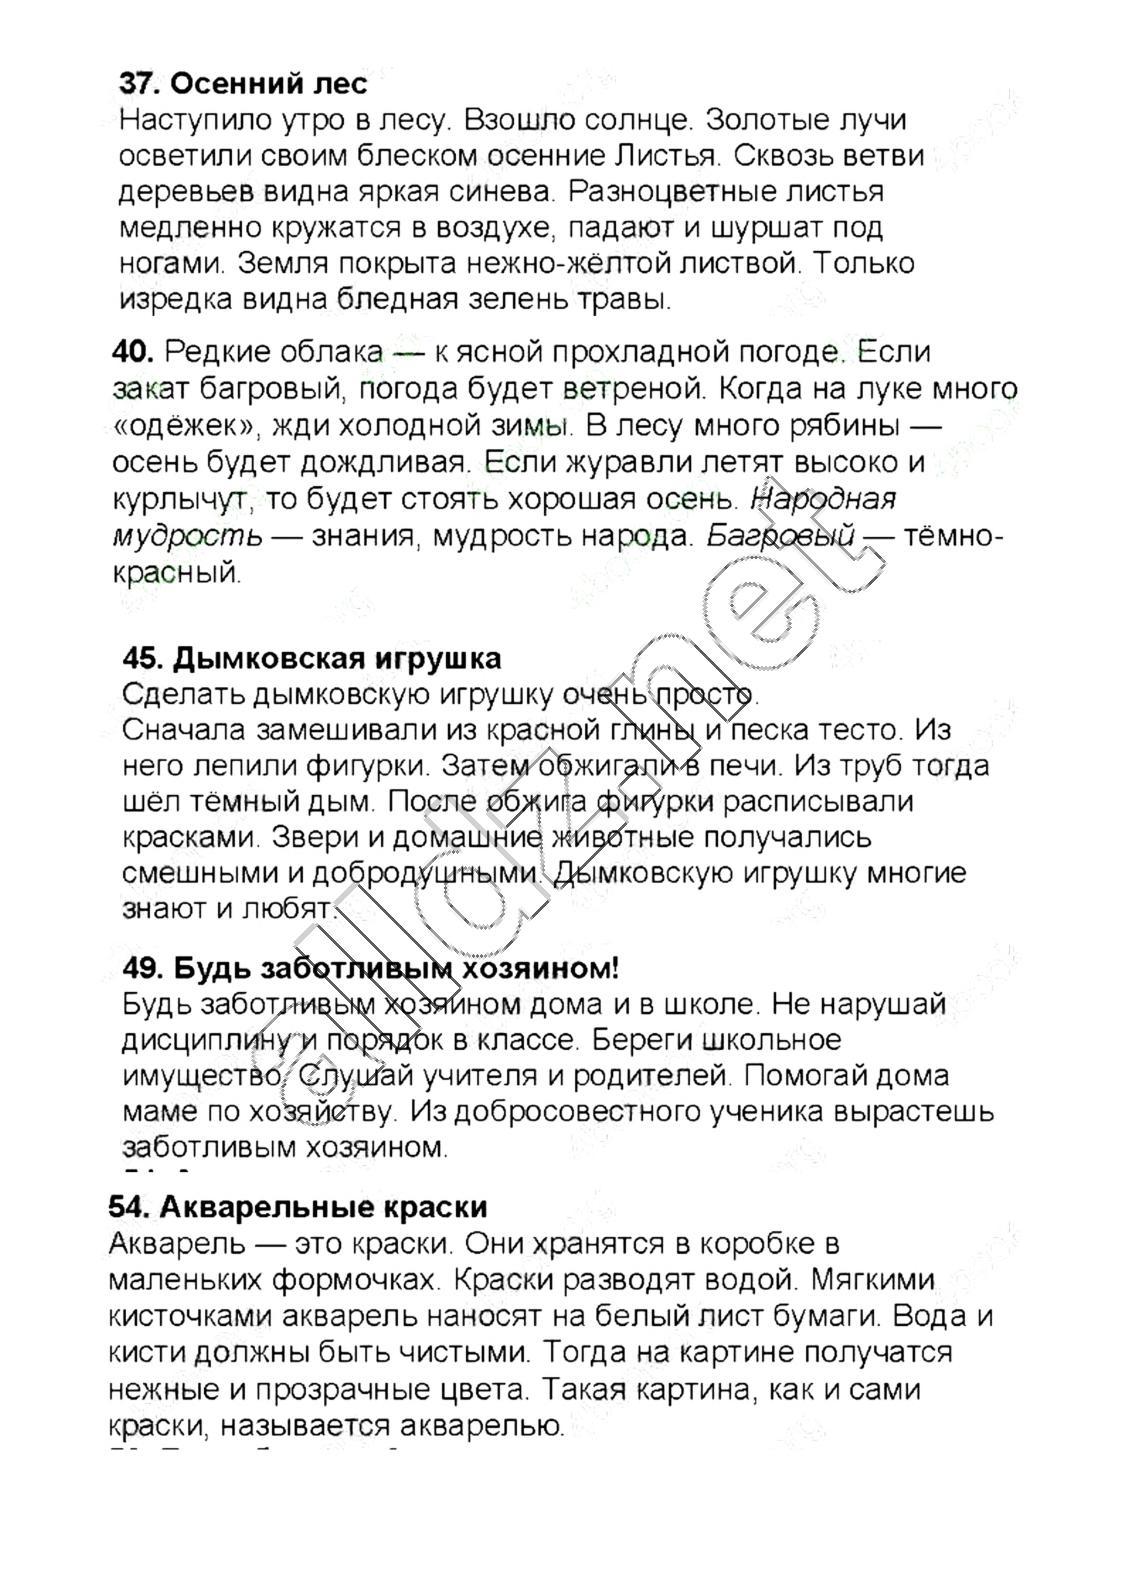 Гдз русский язык 3 класса сильнова